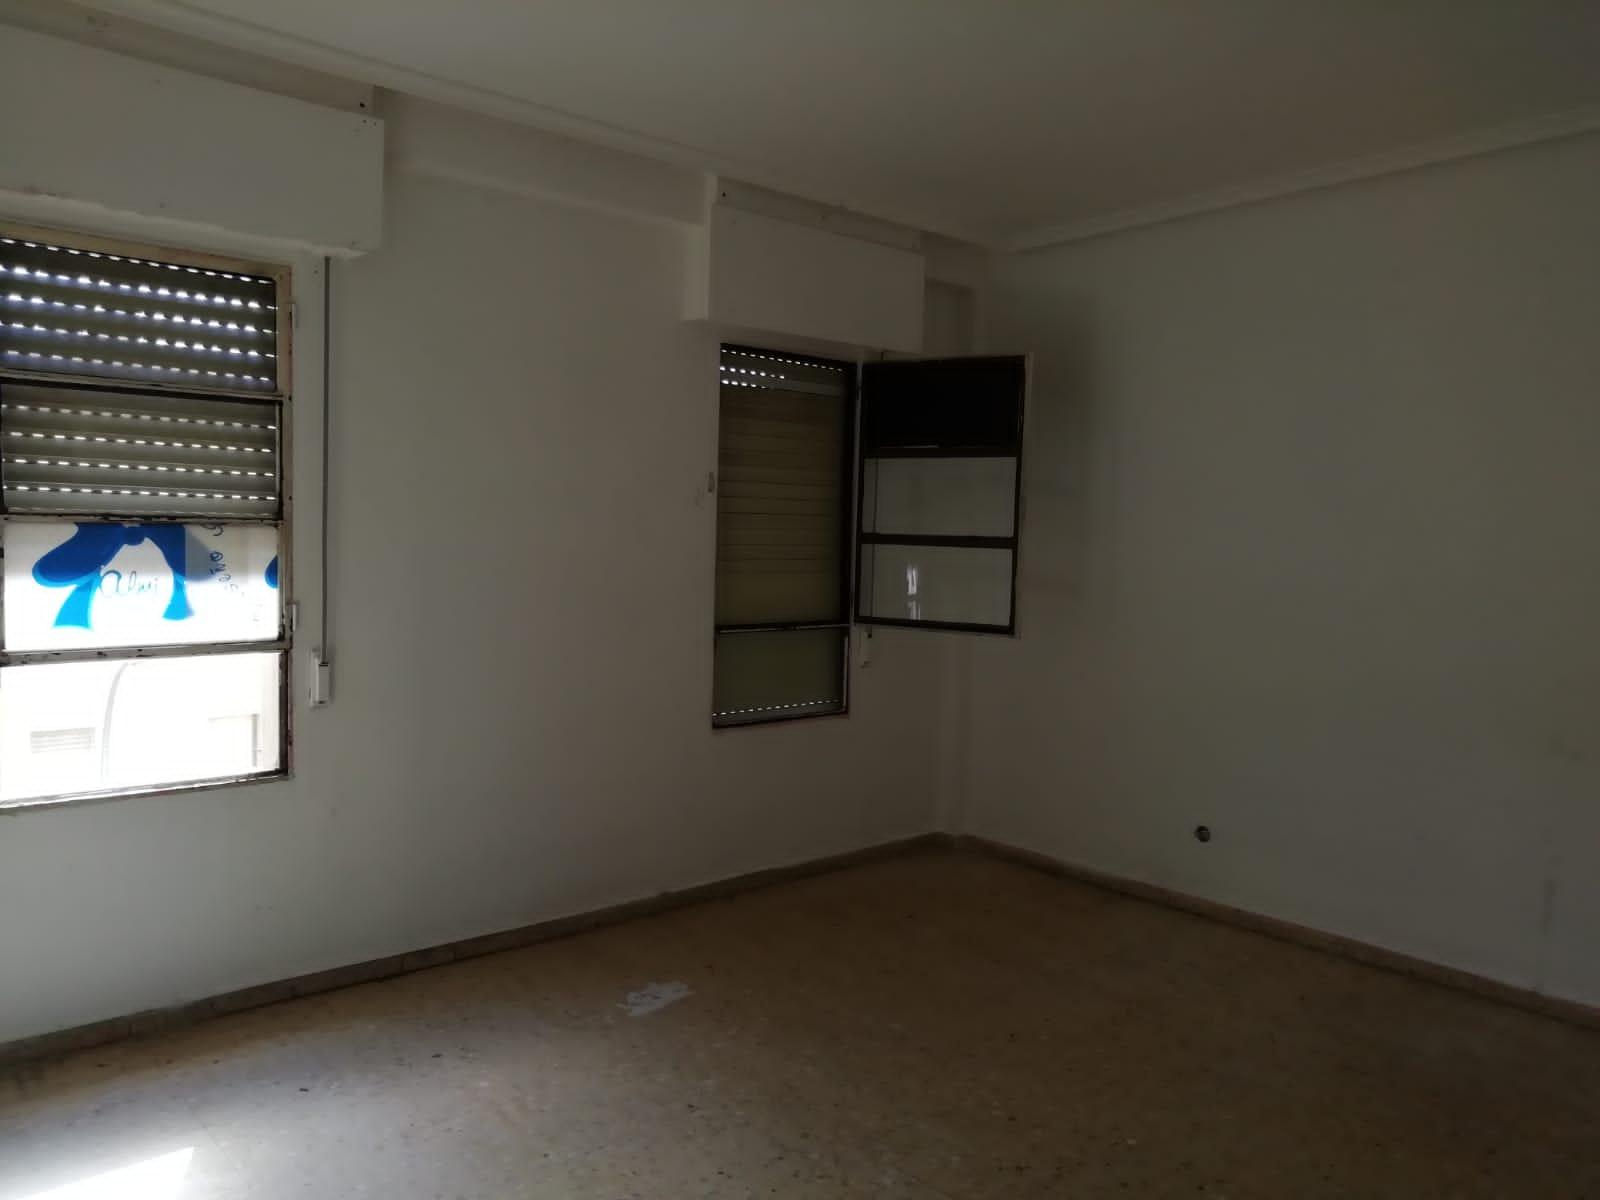 Piso en venta en Casa del Cordobés, Villacañas, Toledo, Calle Gabriel Y Galán, 45.000 €, 3 habitaciones, 1 baño, 82 m2